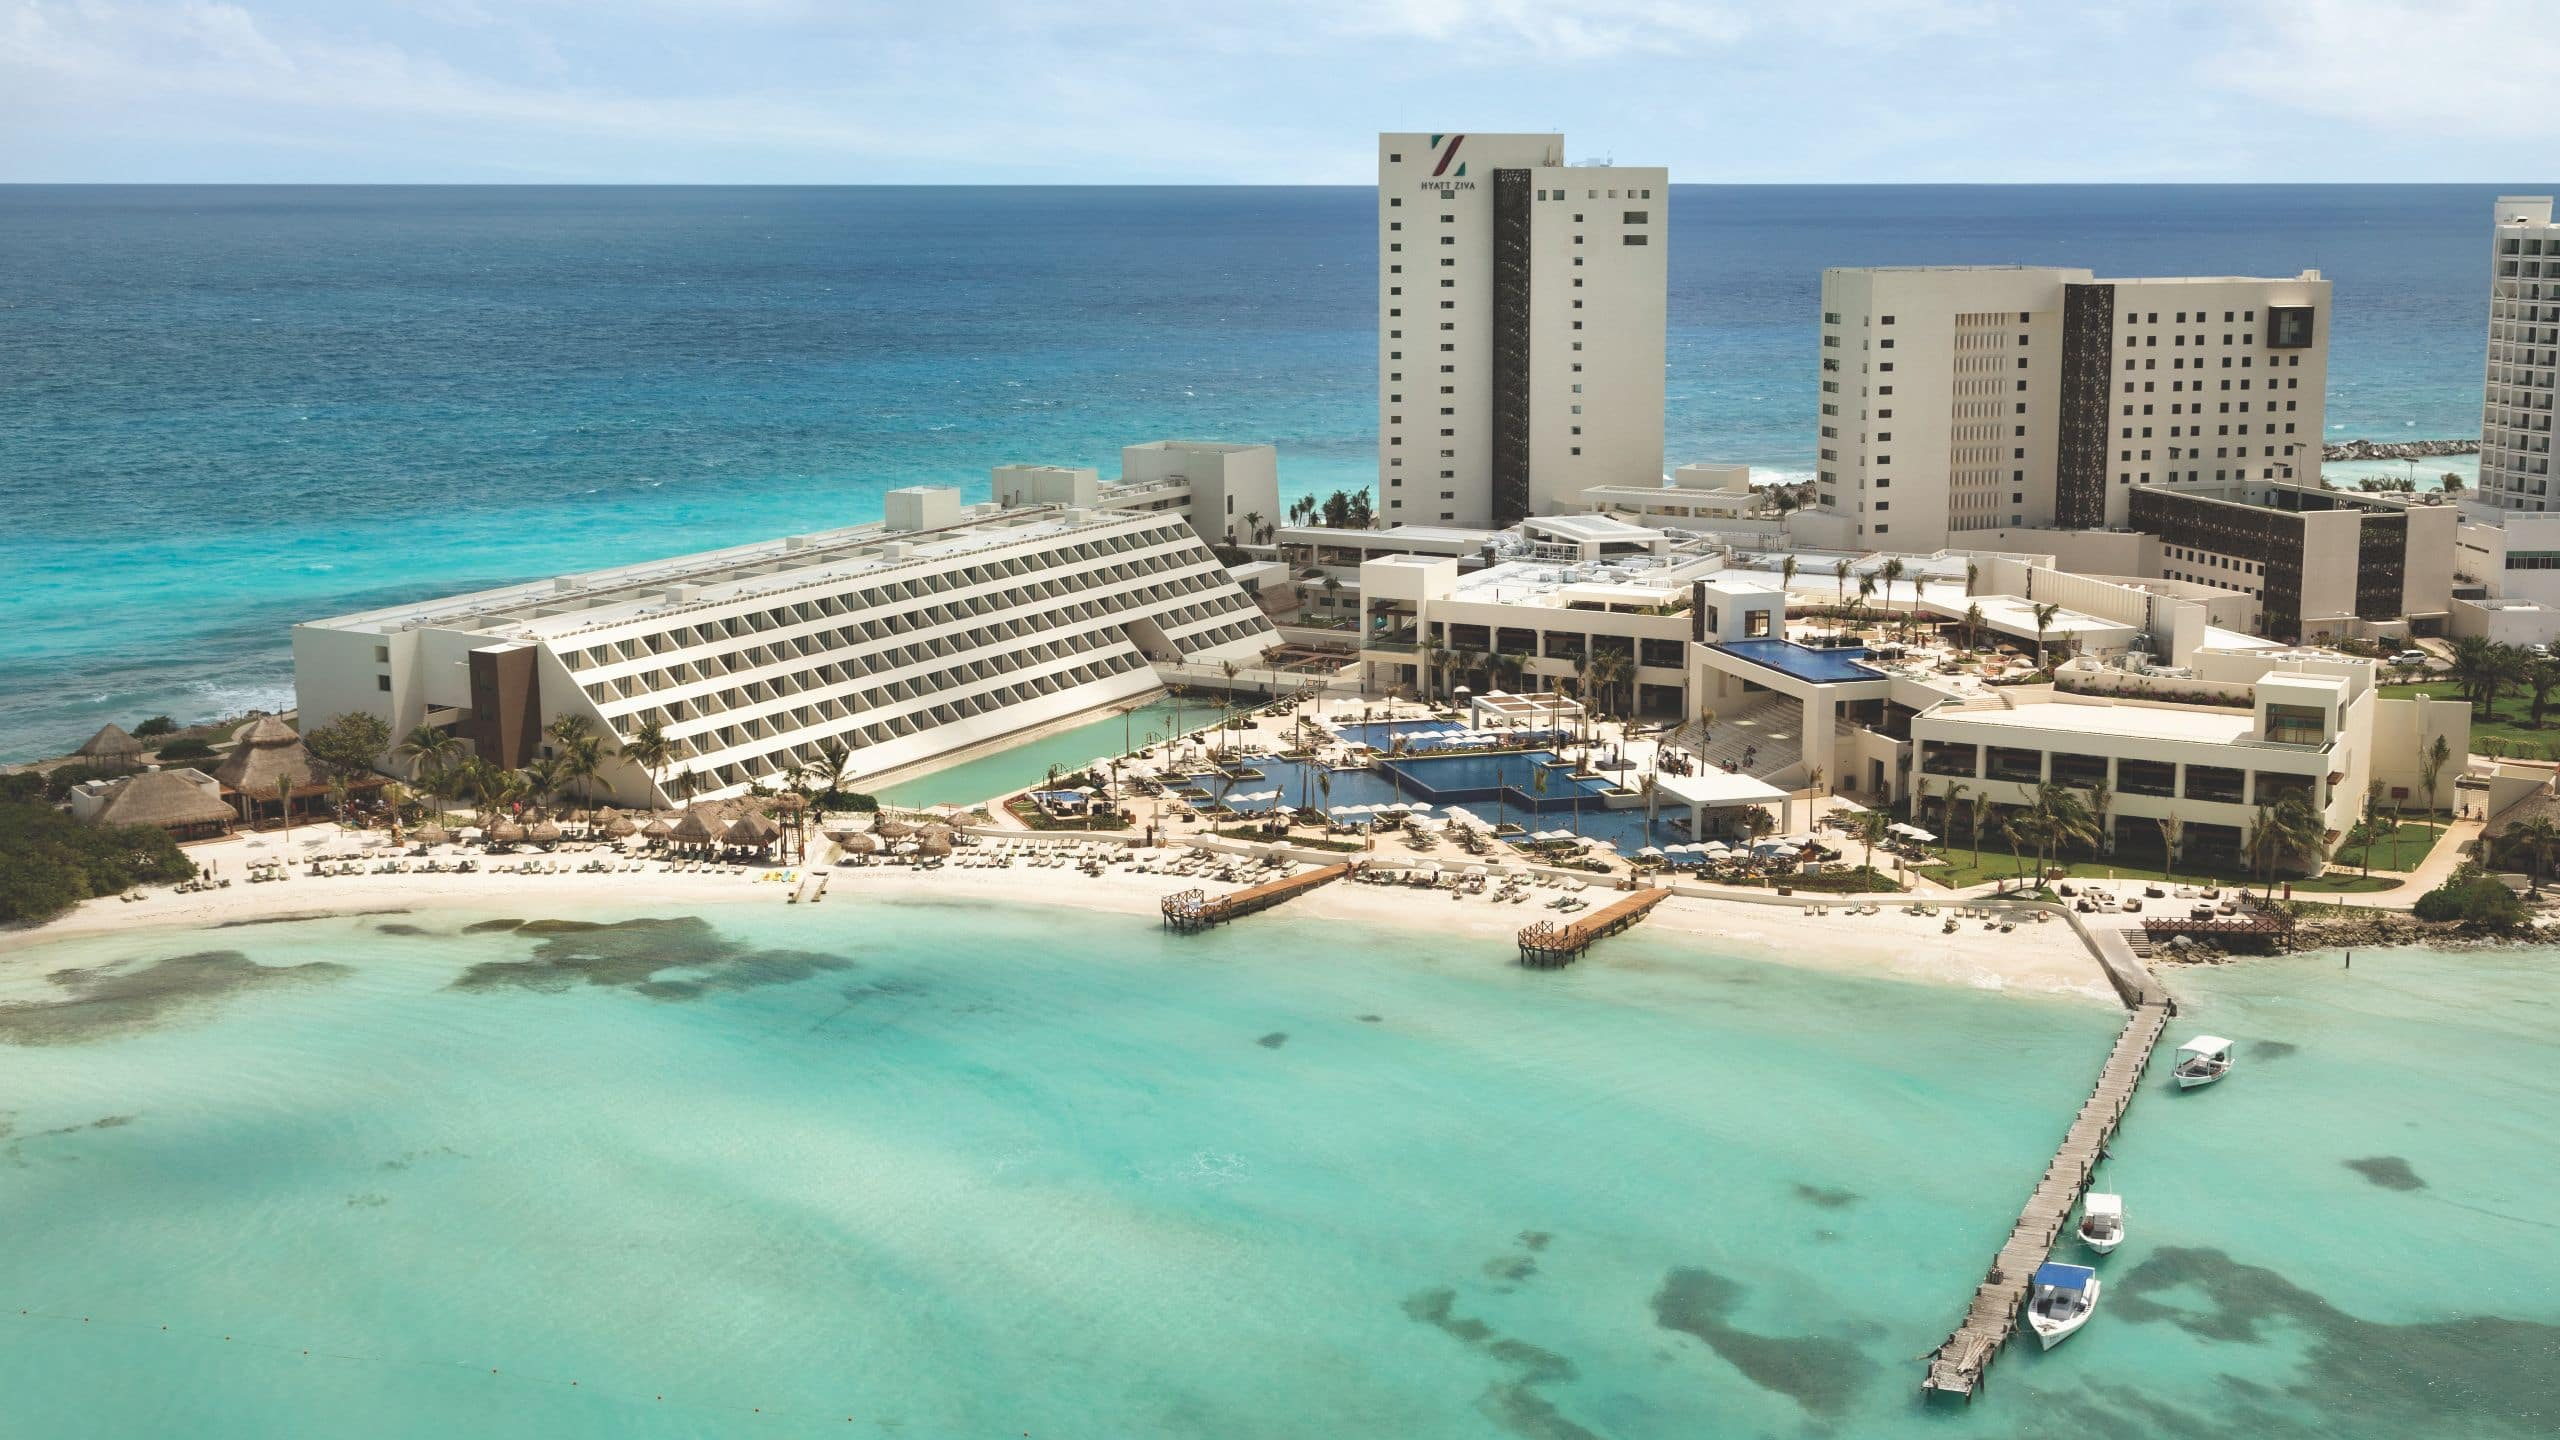 Cancun All Inclusive Family Resort Hyatt Ziva